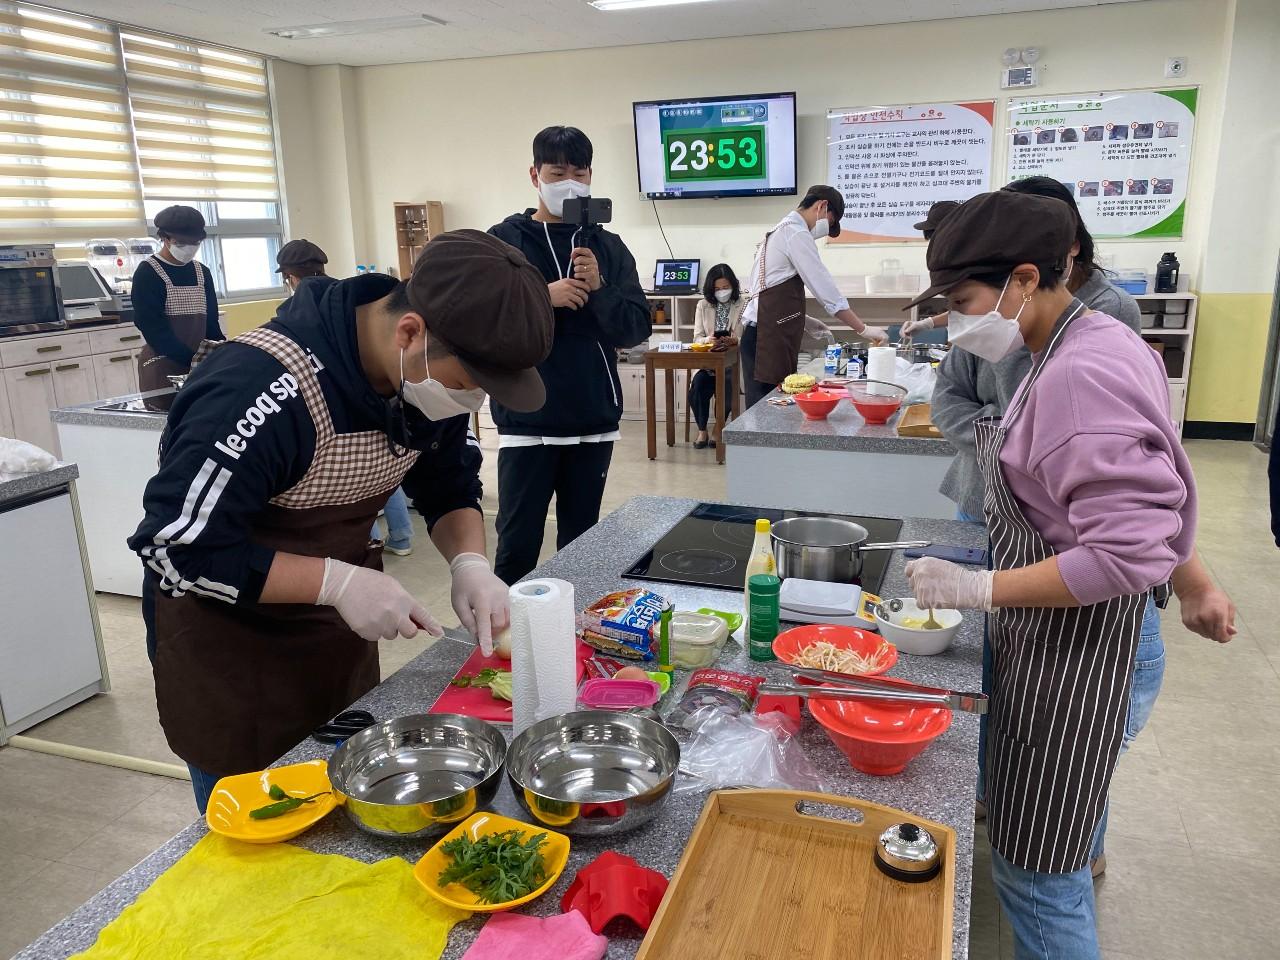 수련회·캠핑 못 떠나는 학생들 위해...대전원명학교, 온라인 '요리경연대회' 진행